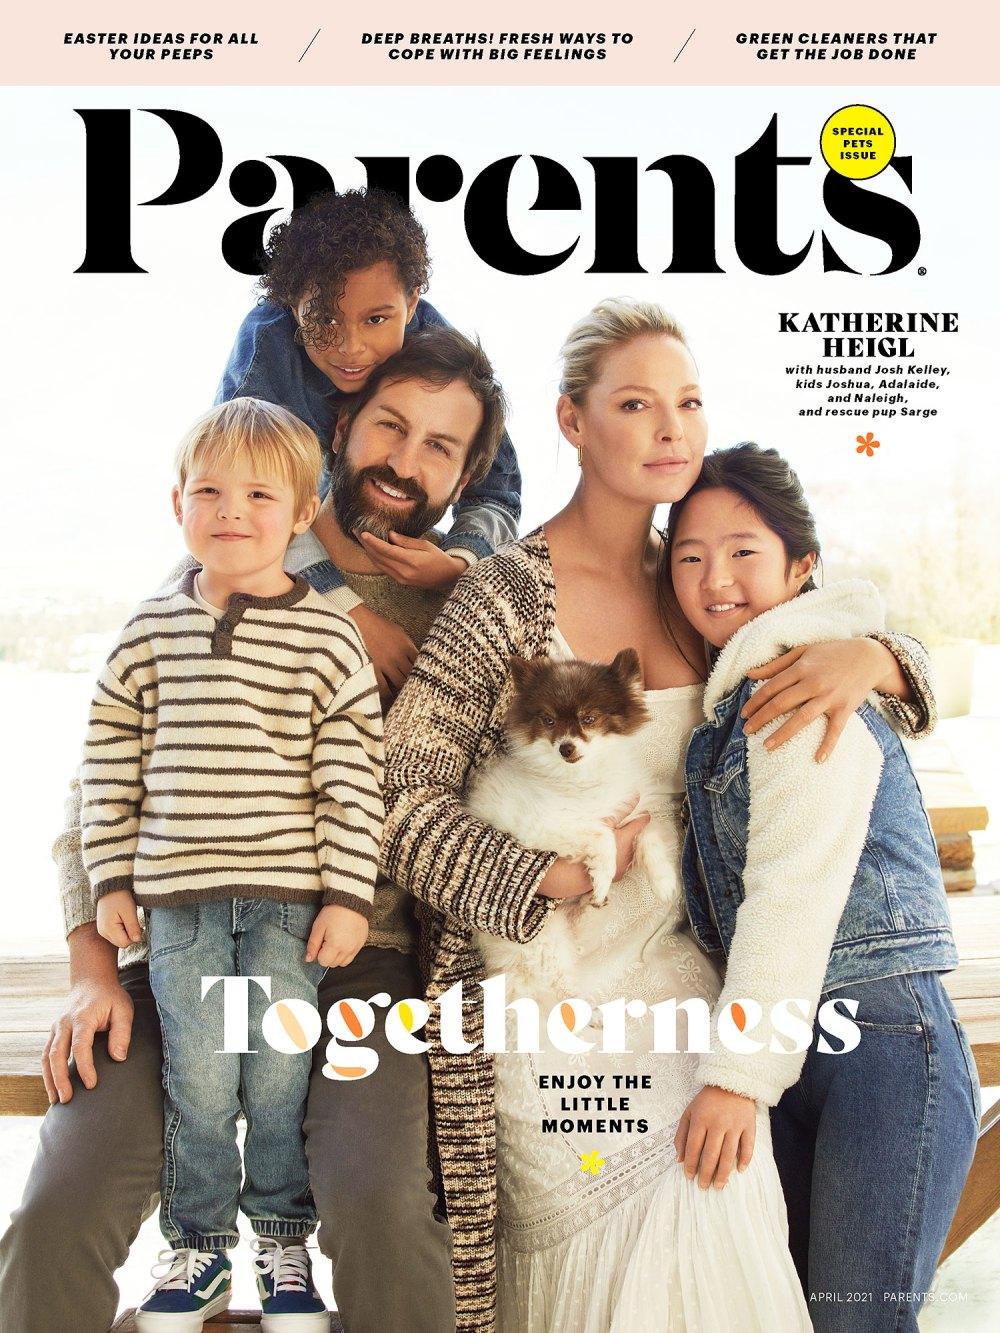 模范父母|  凯瑟琳·海格(Katherine Heigl)和她的孩子们的私生活会让你感到惊讶  Instanthub